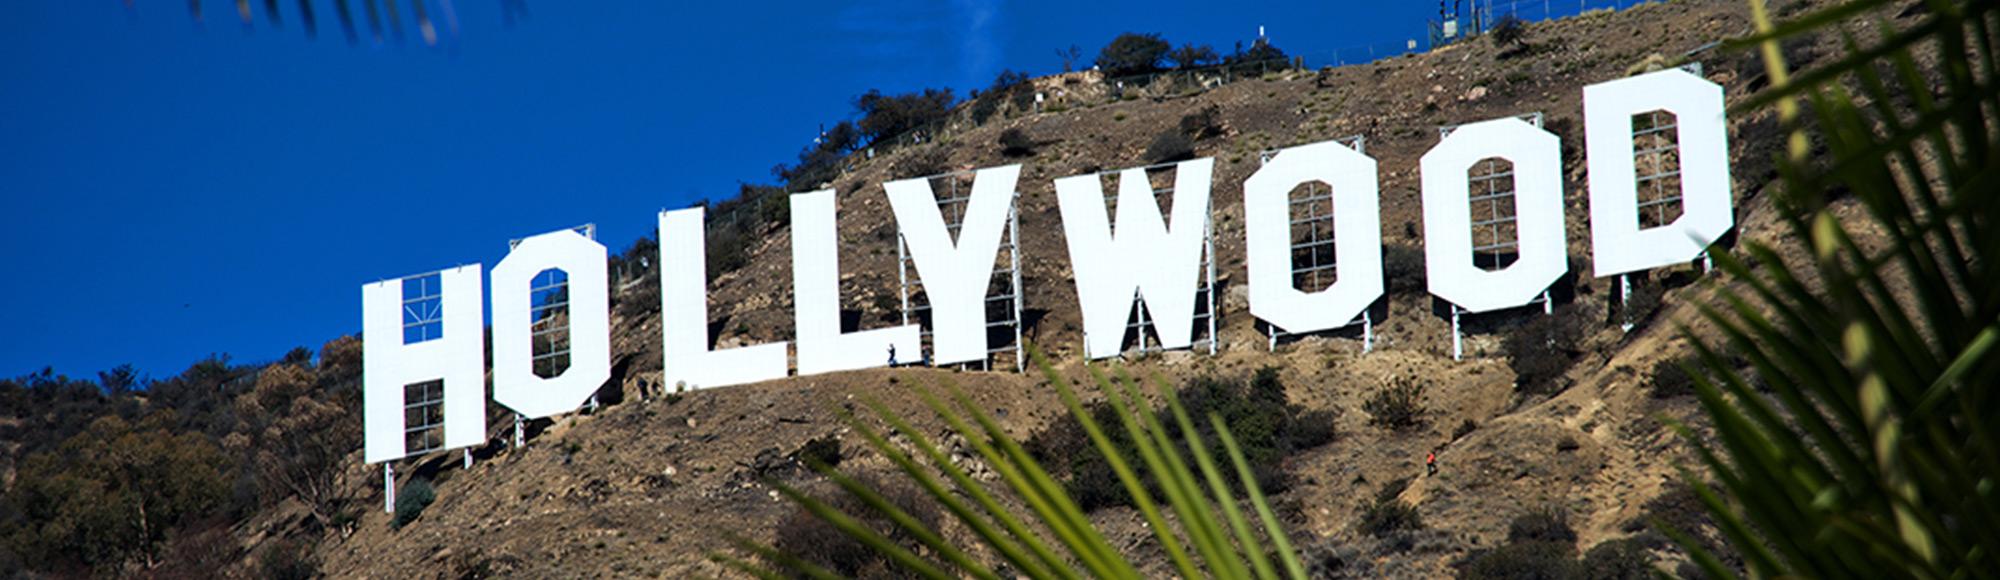 Hollywood Tour tour